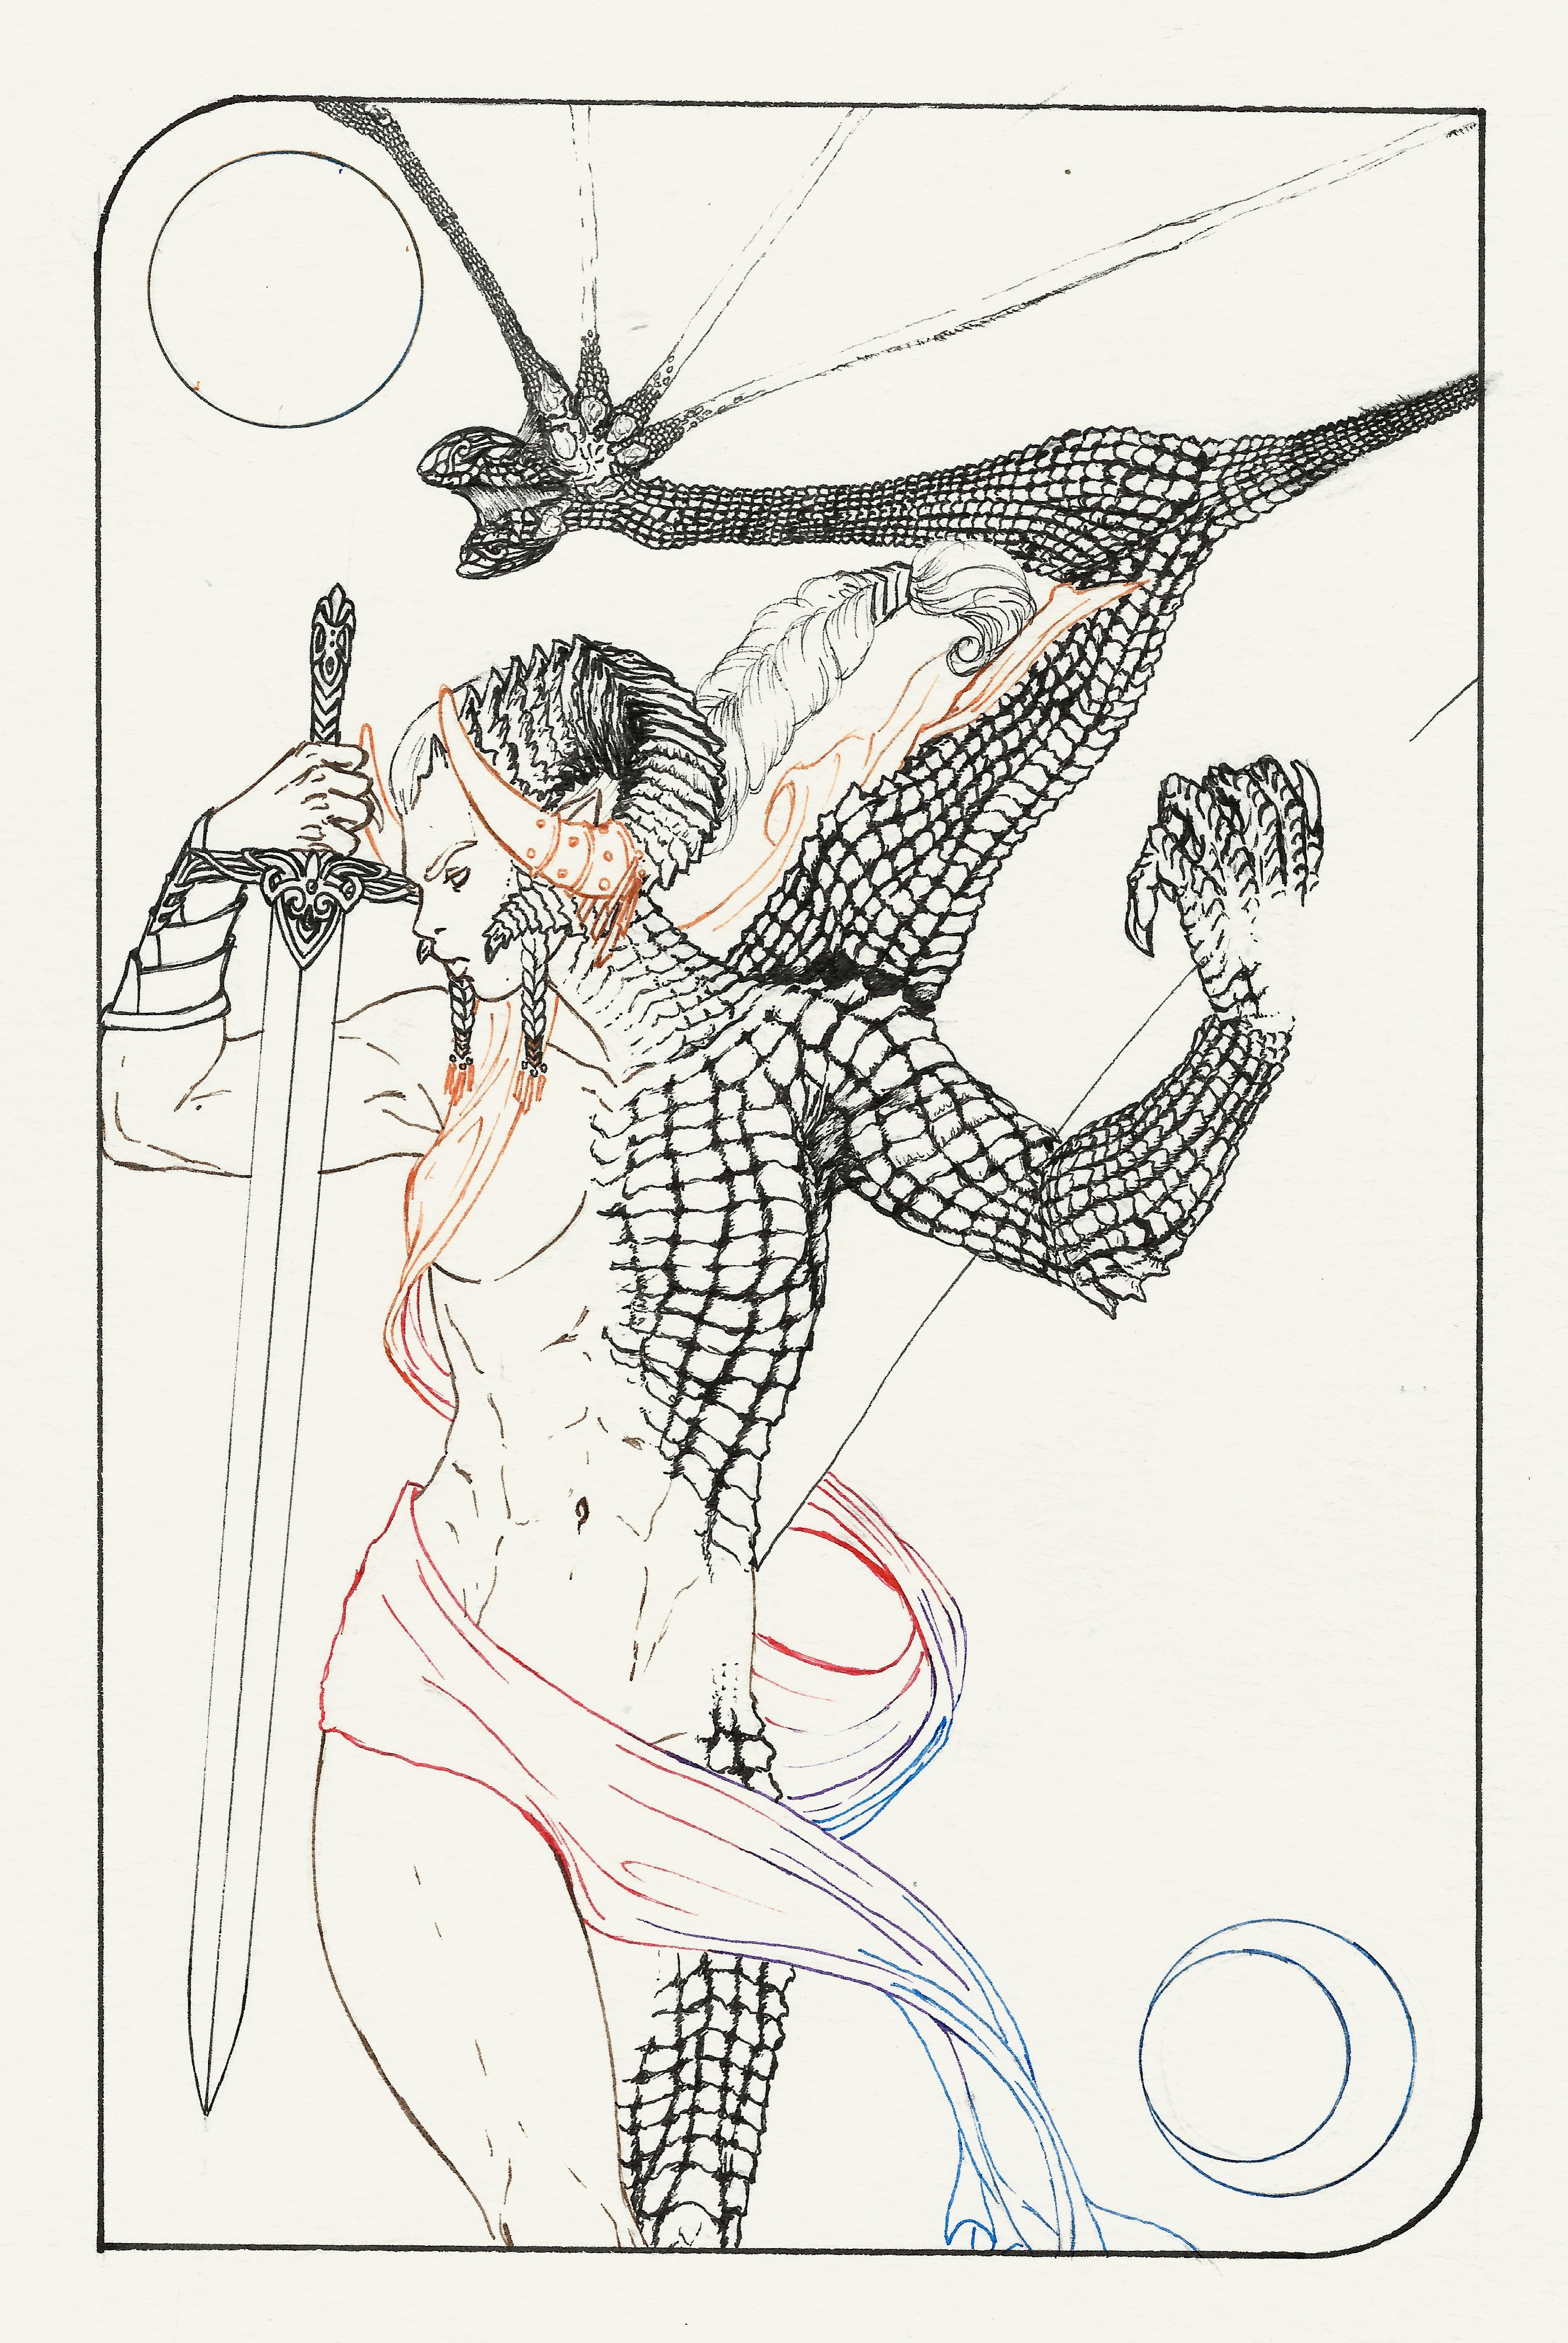 Tarot Card: King/Queen of swords lineart